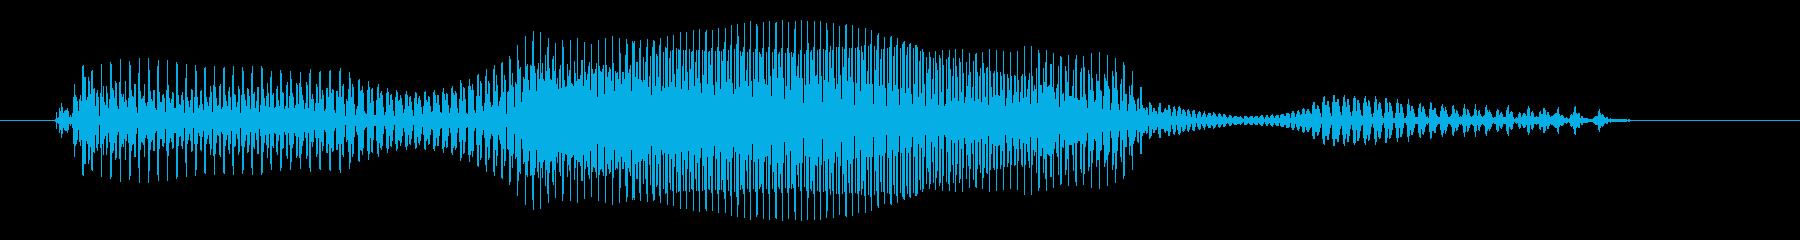 土曜日の再生済みの波形